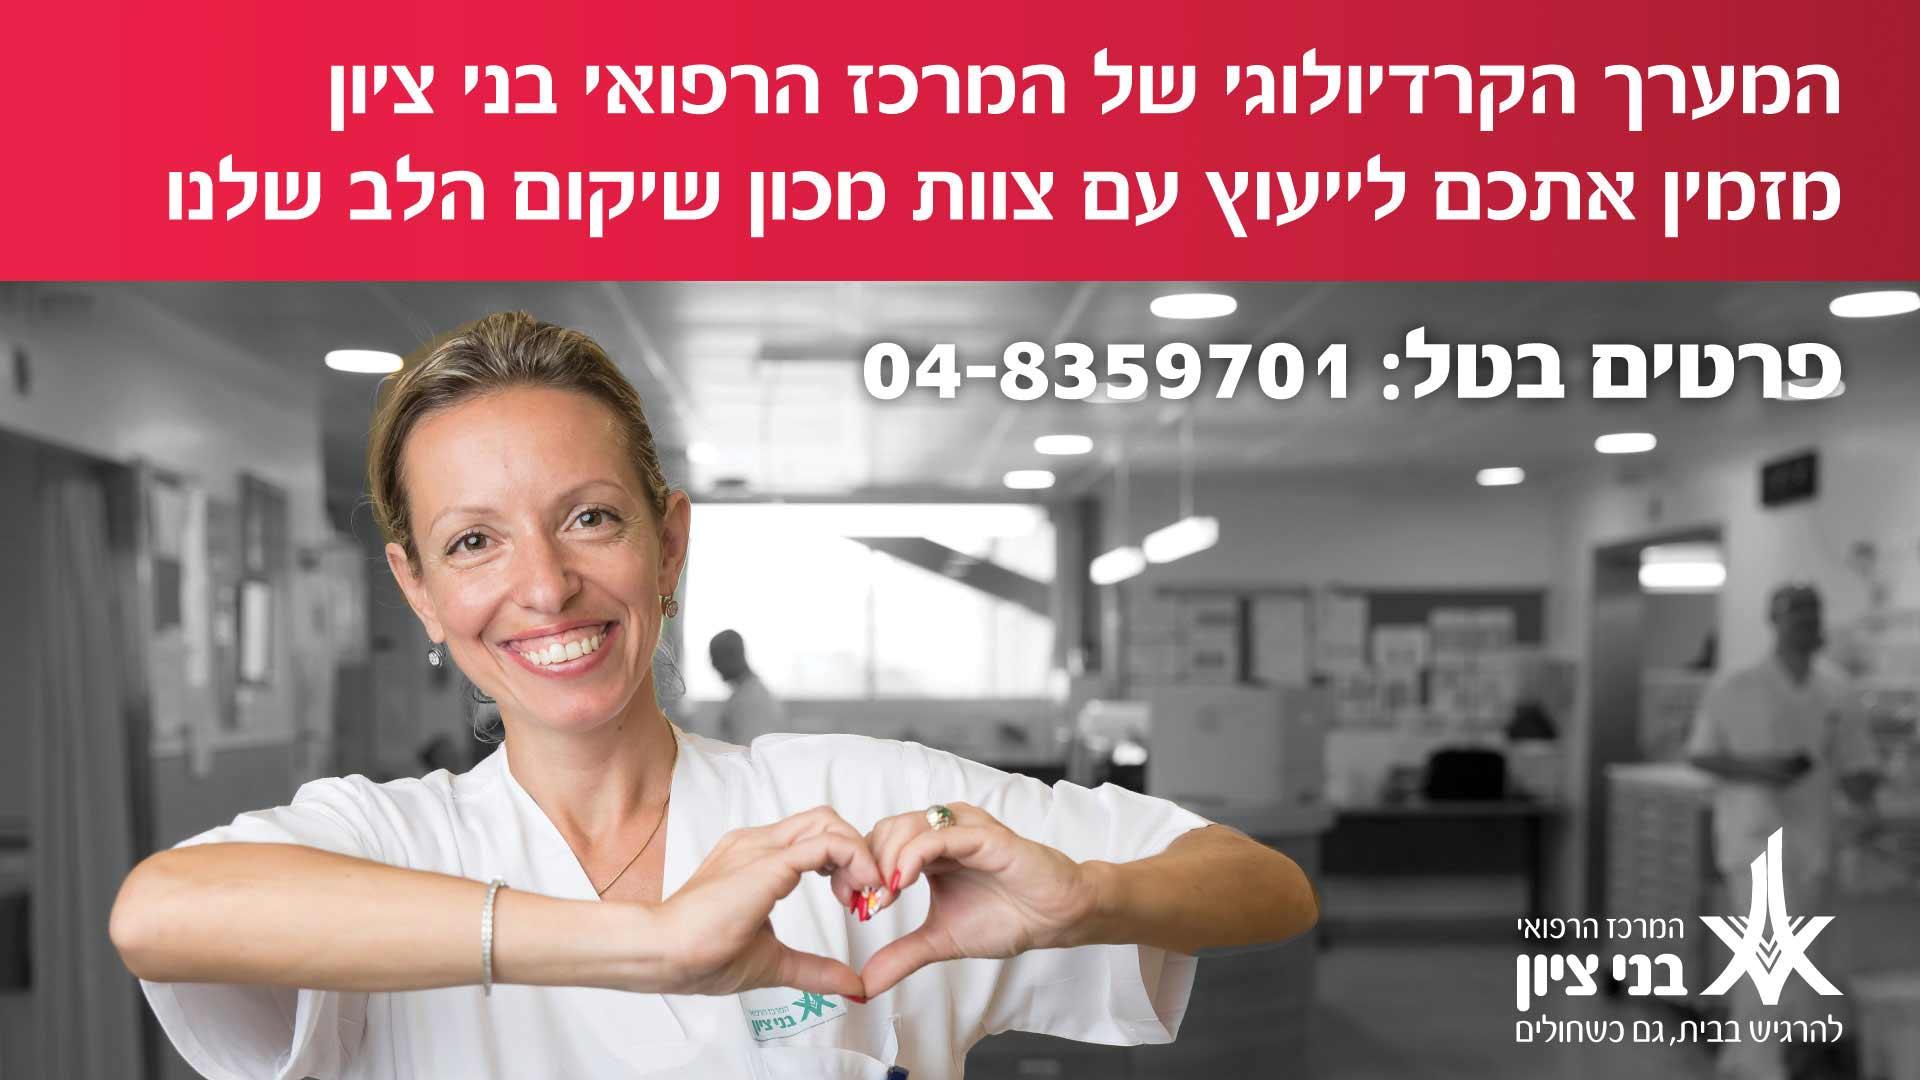 המרכז הרפואי בני-ציון